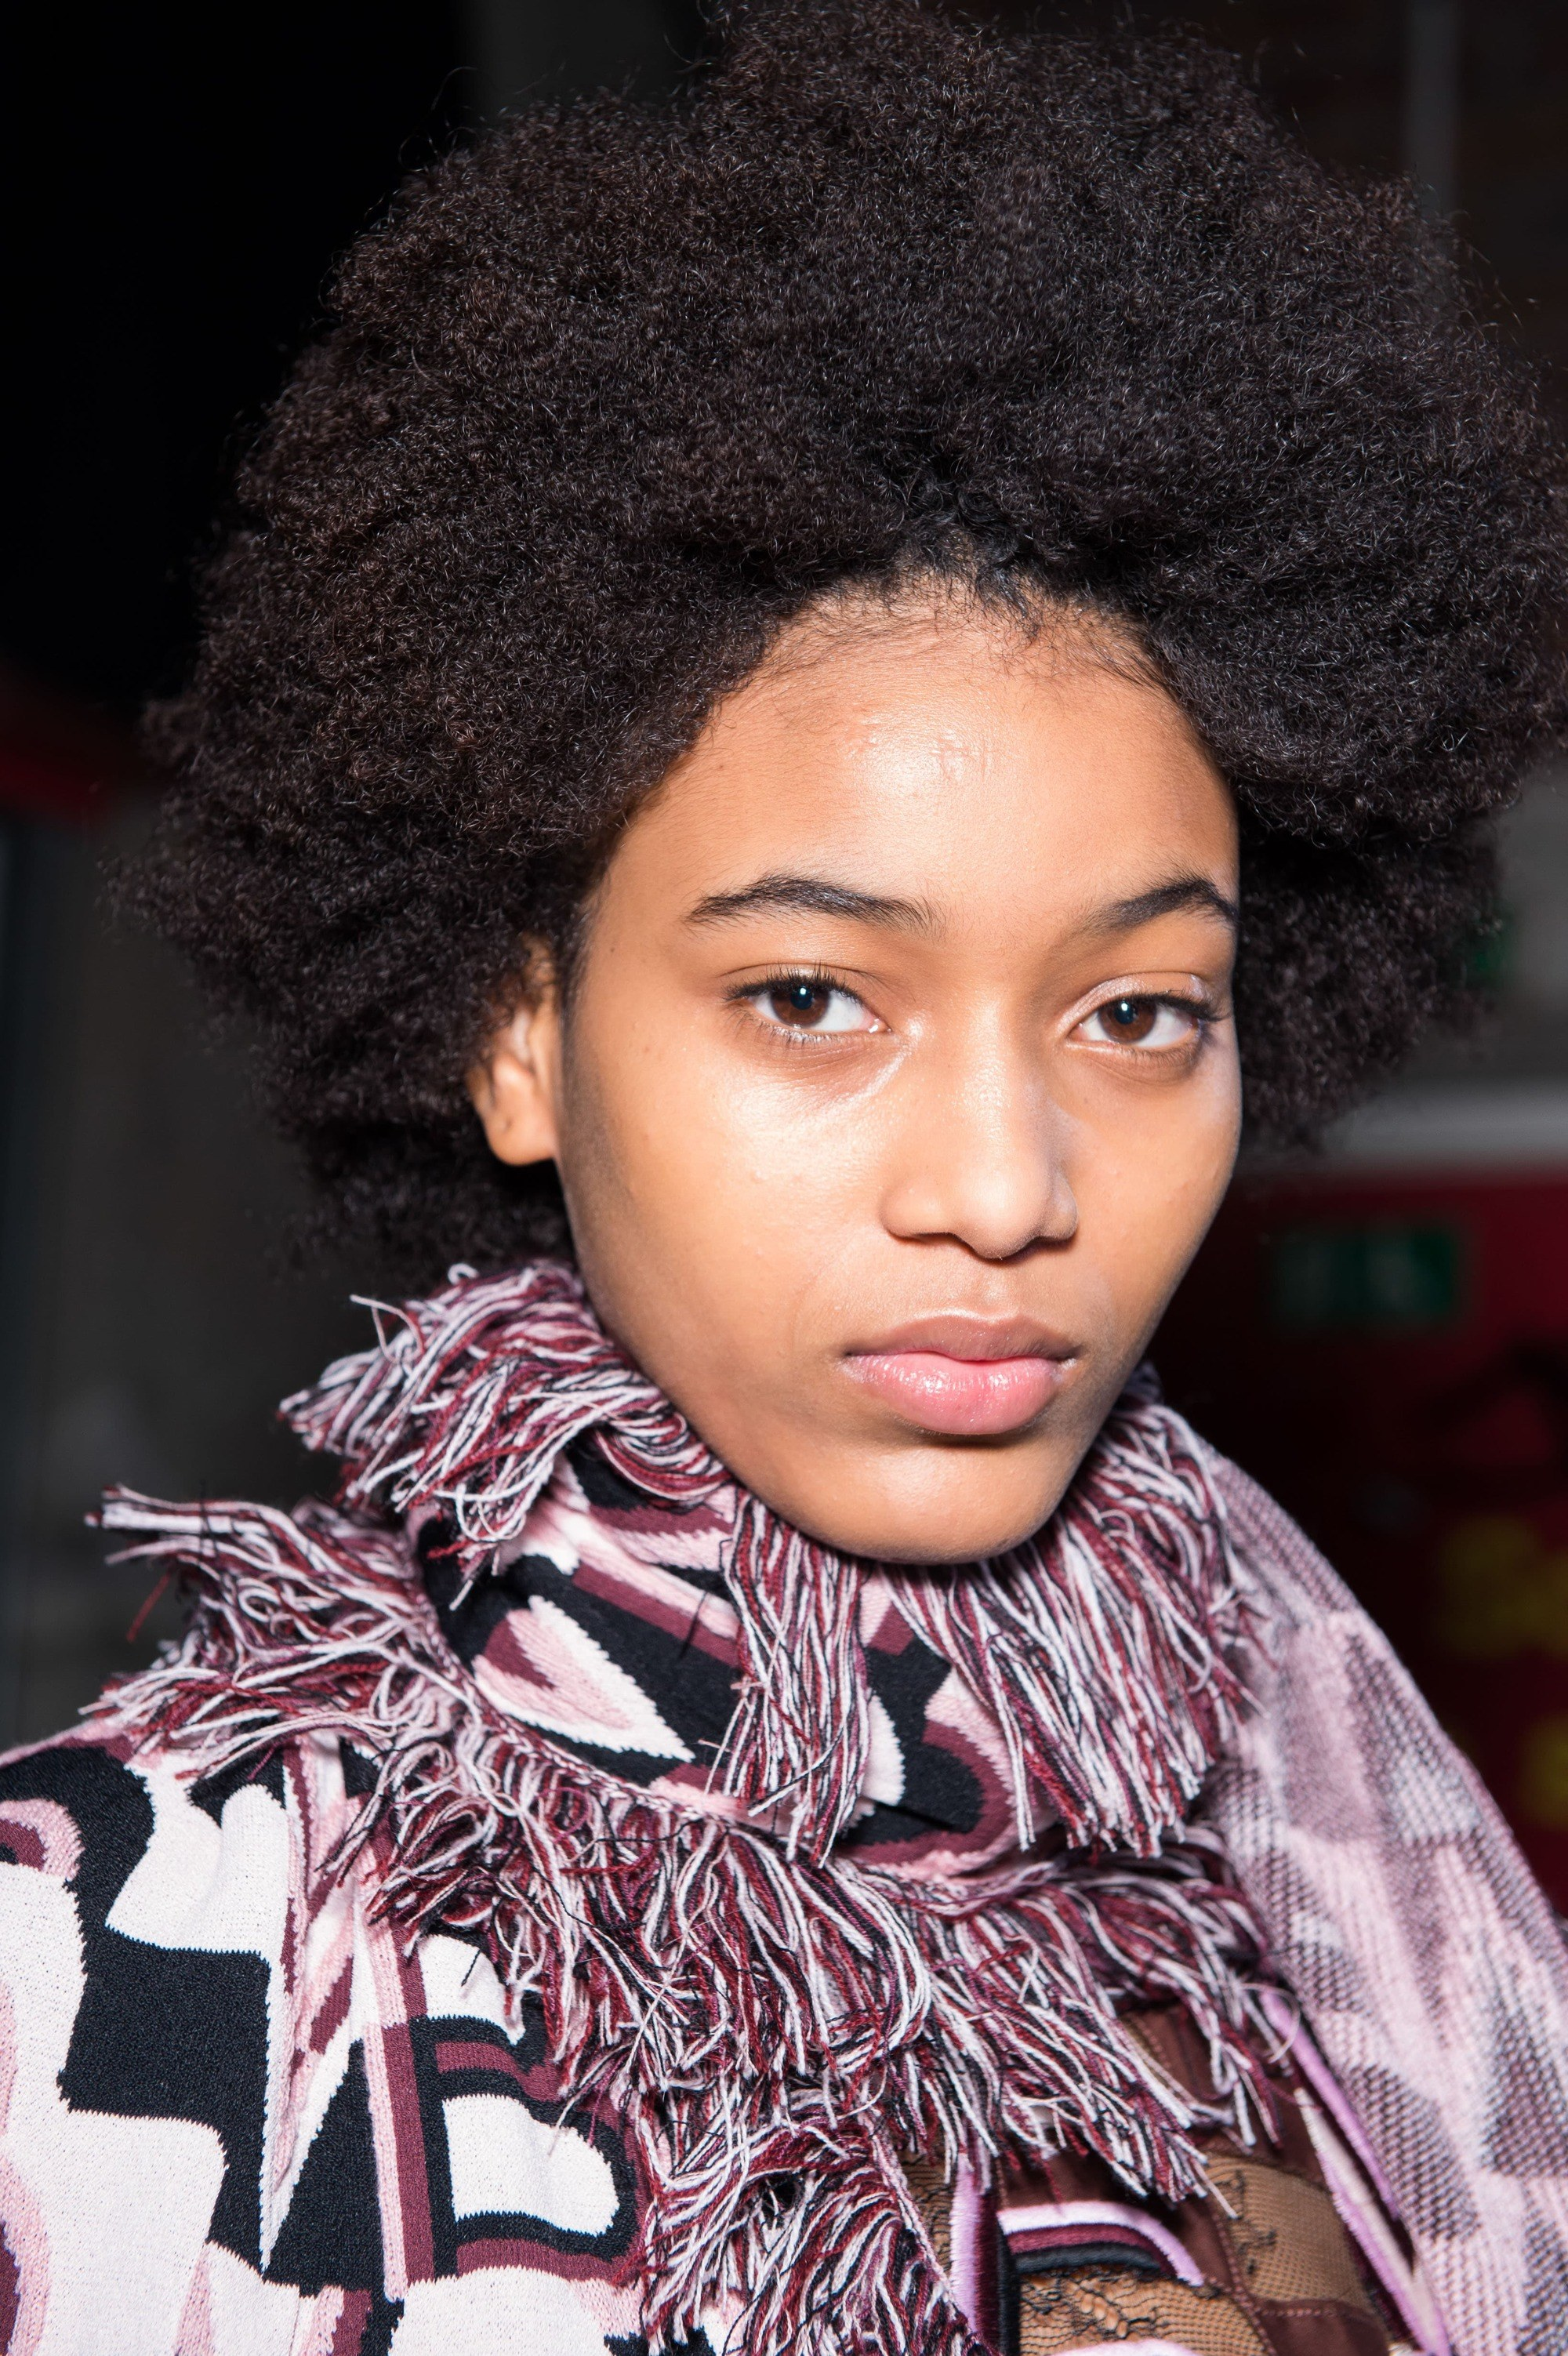 Afro hair model hair porosity